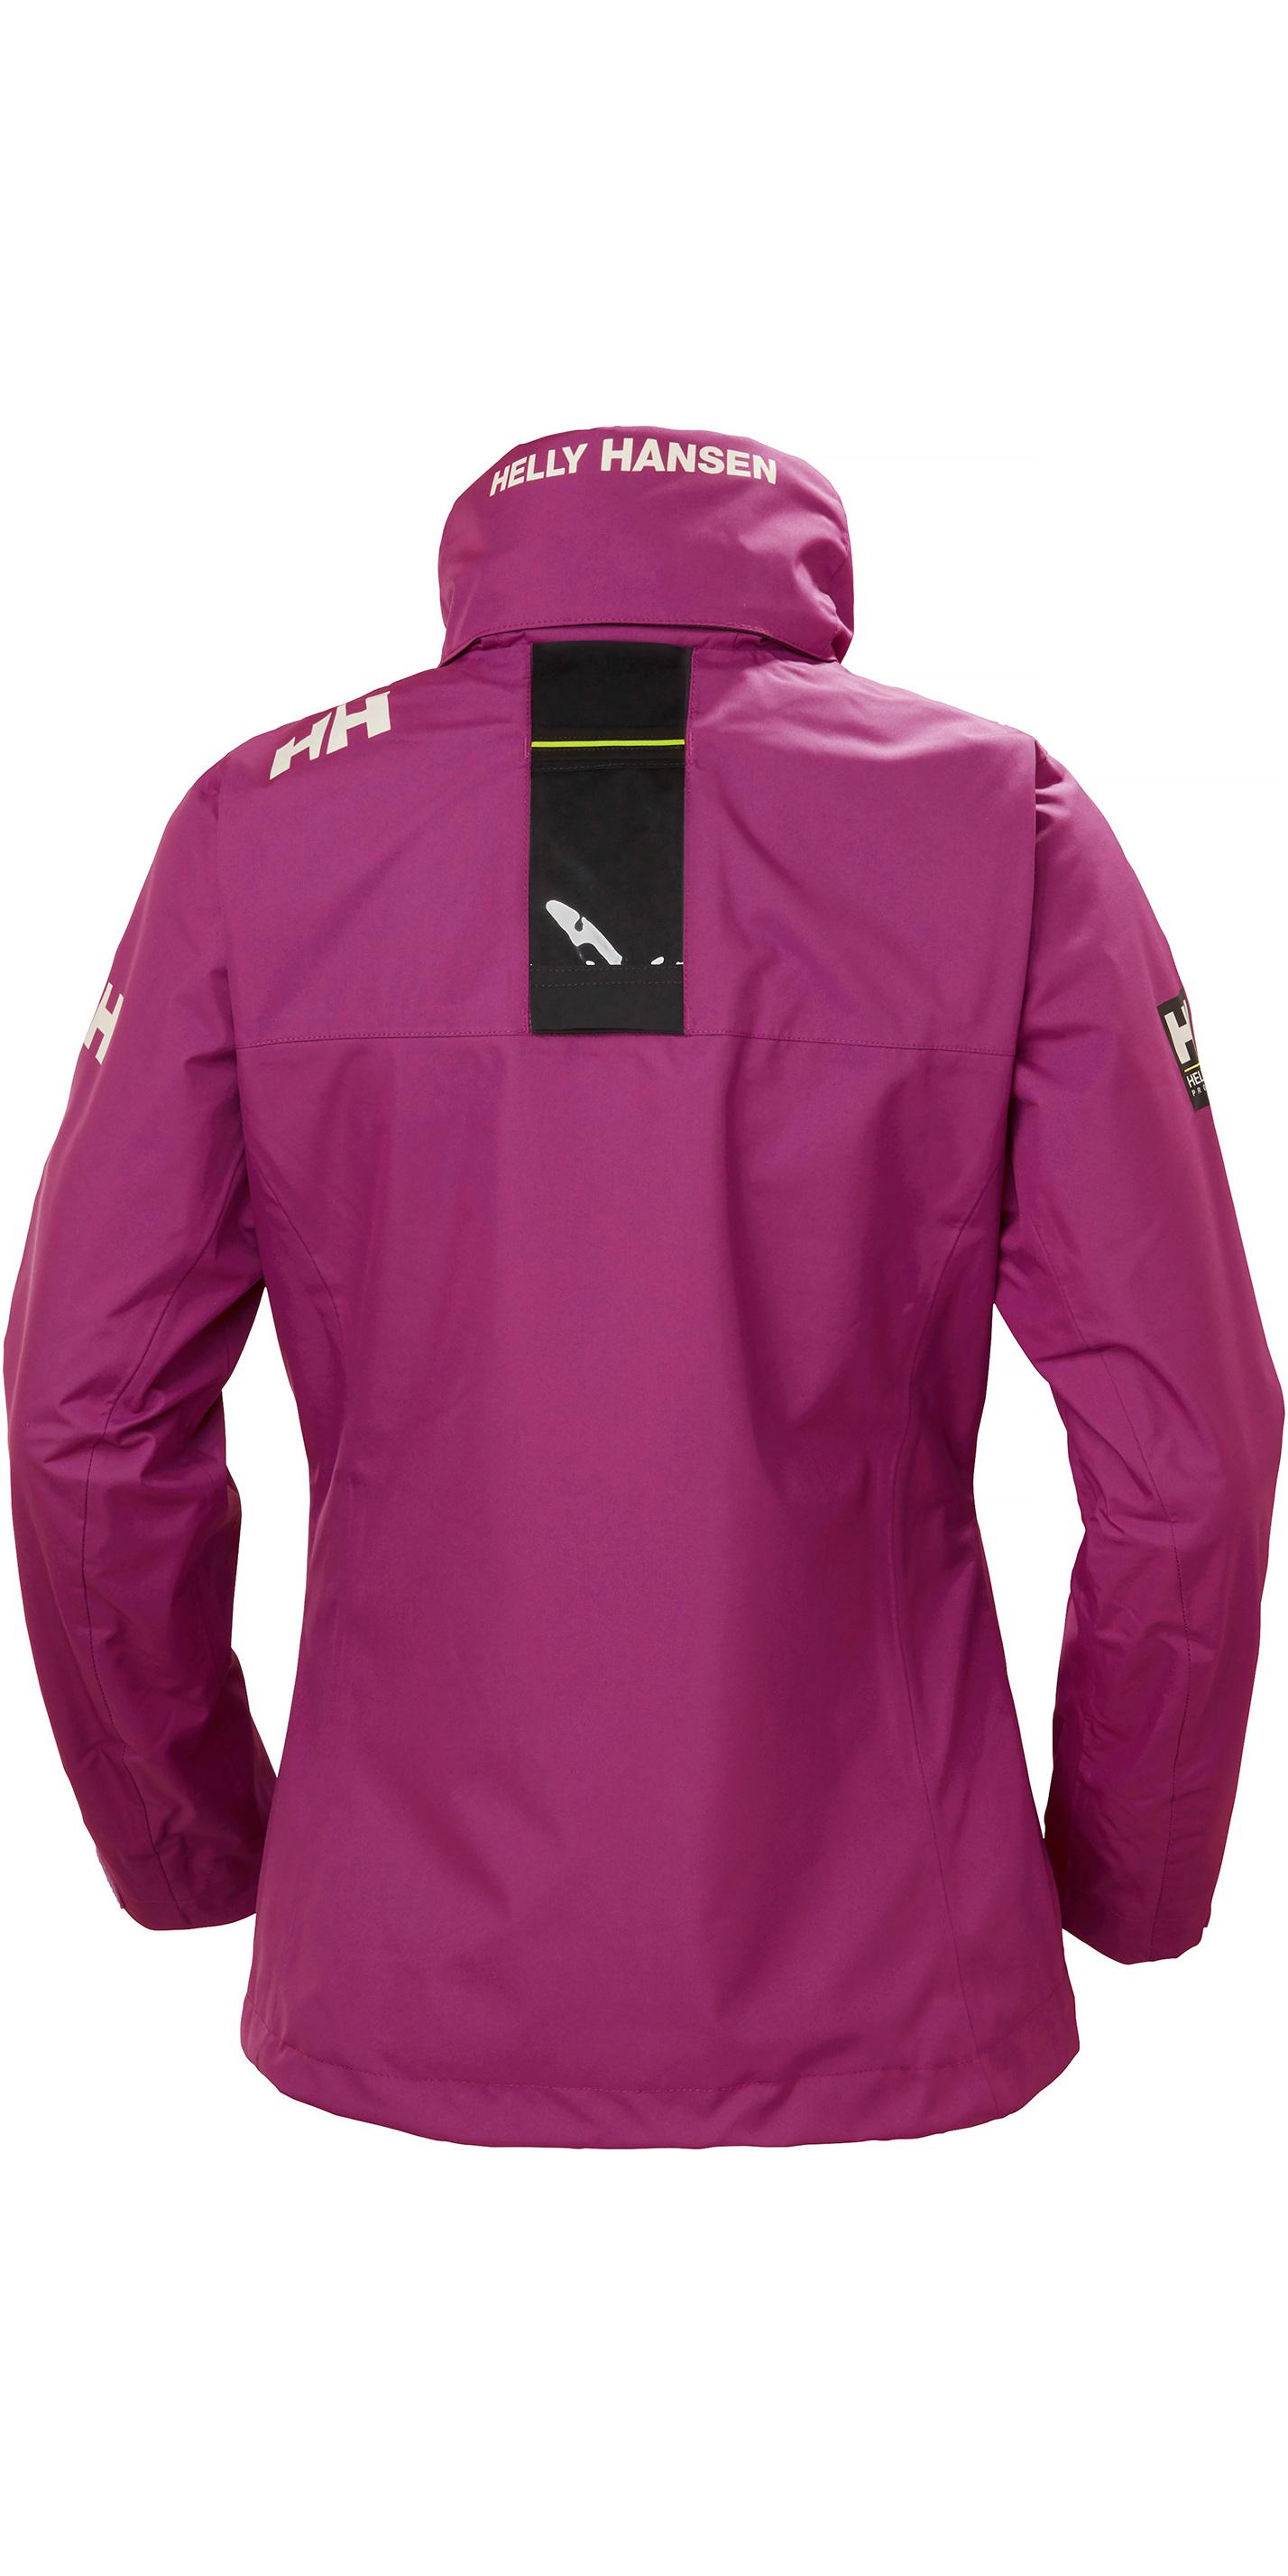 Helly-Hansen Damen Crew Leichte Wasserdicht Winddicht Atmungsaktiv Segel-Regenmantel Jacke mit Verstaubarer Kapuze